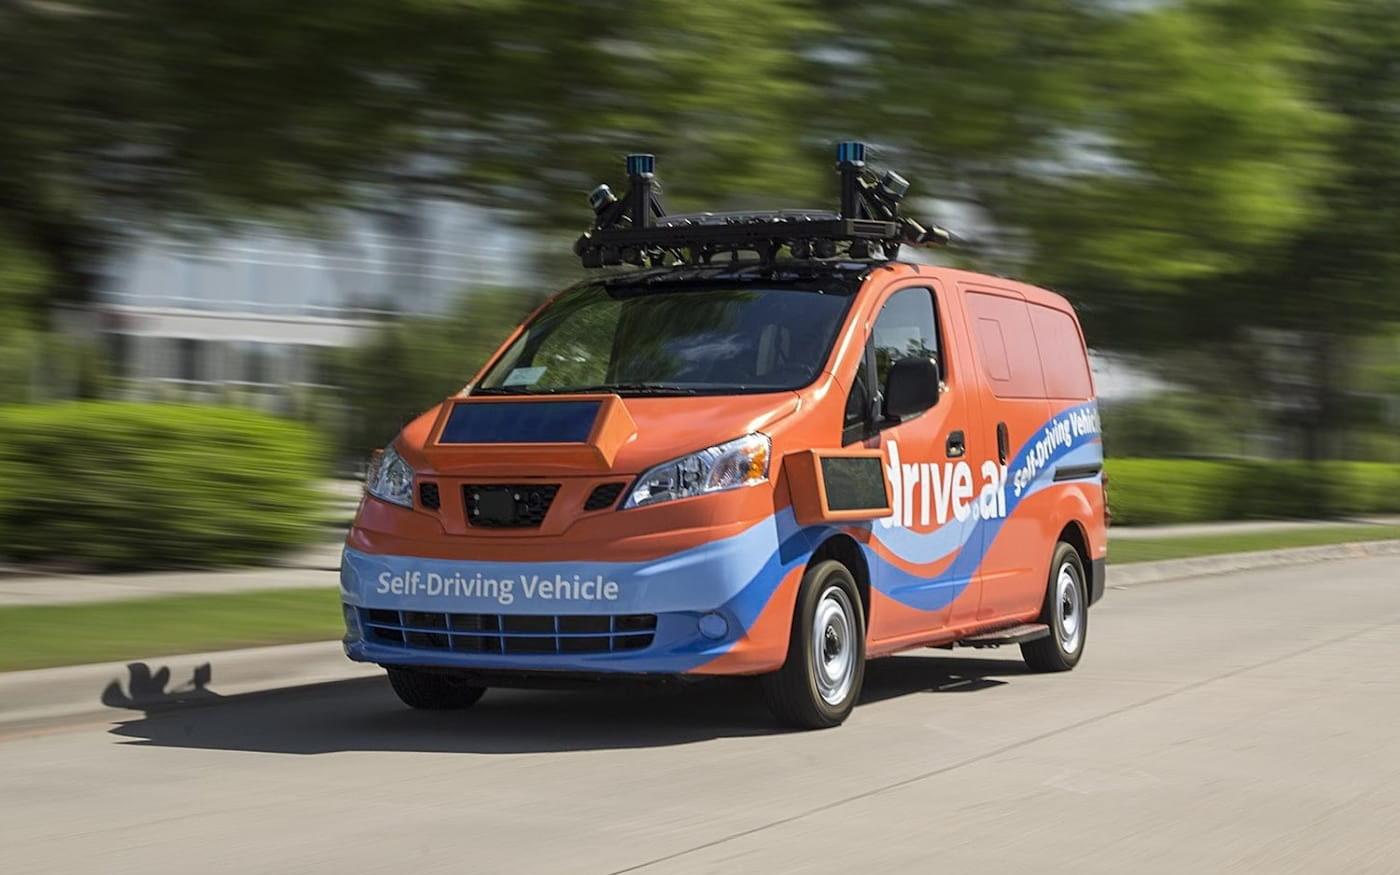 Apple compra Drive.ai, empresa de veículos autônomos